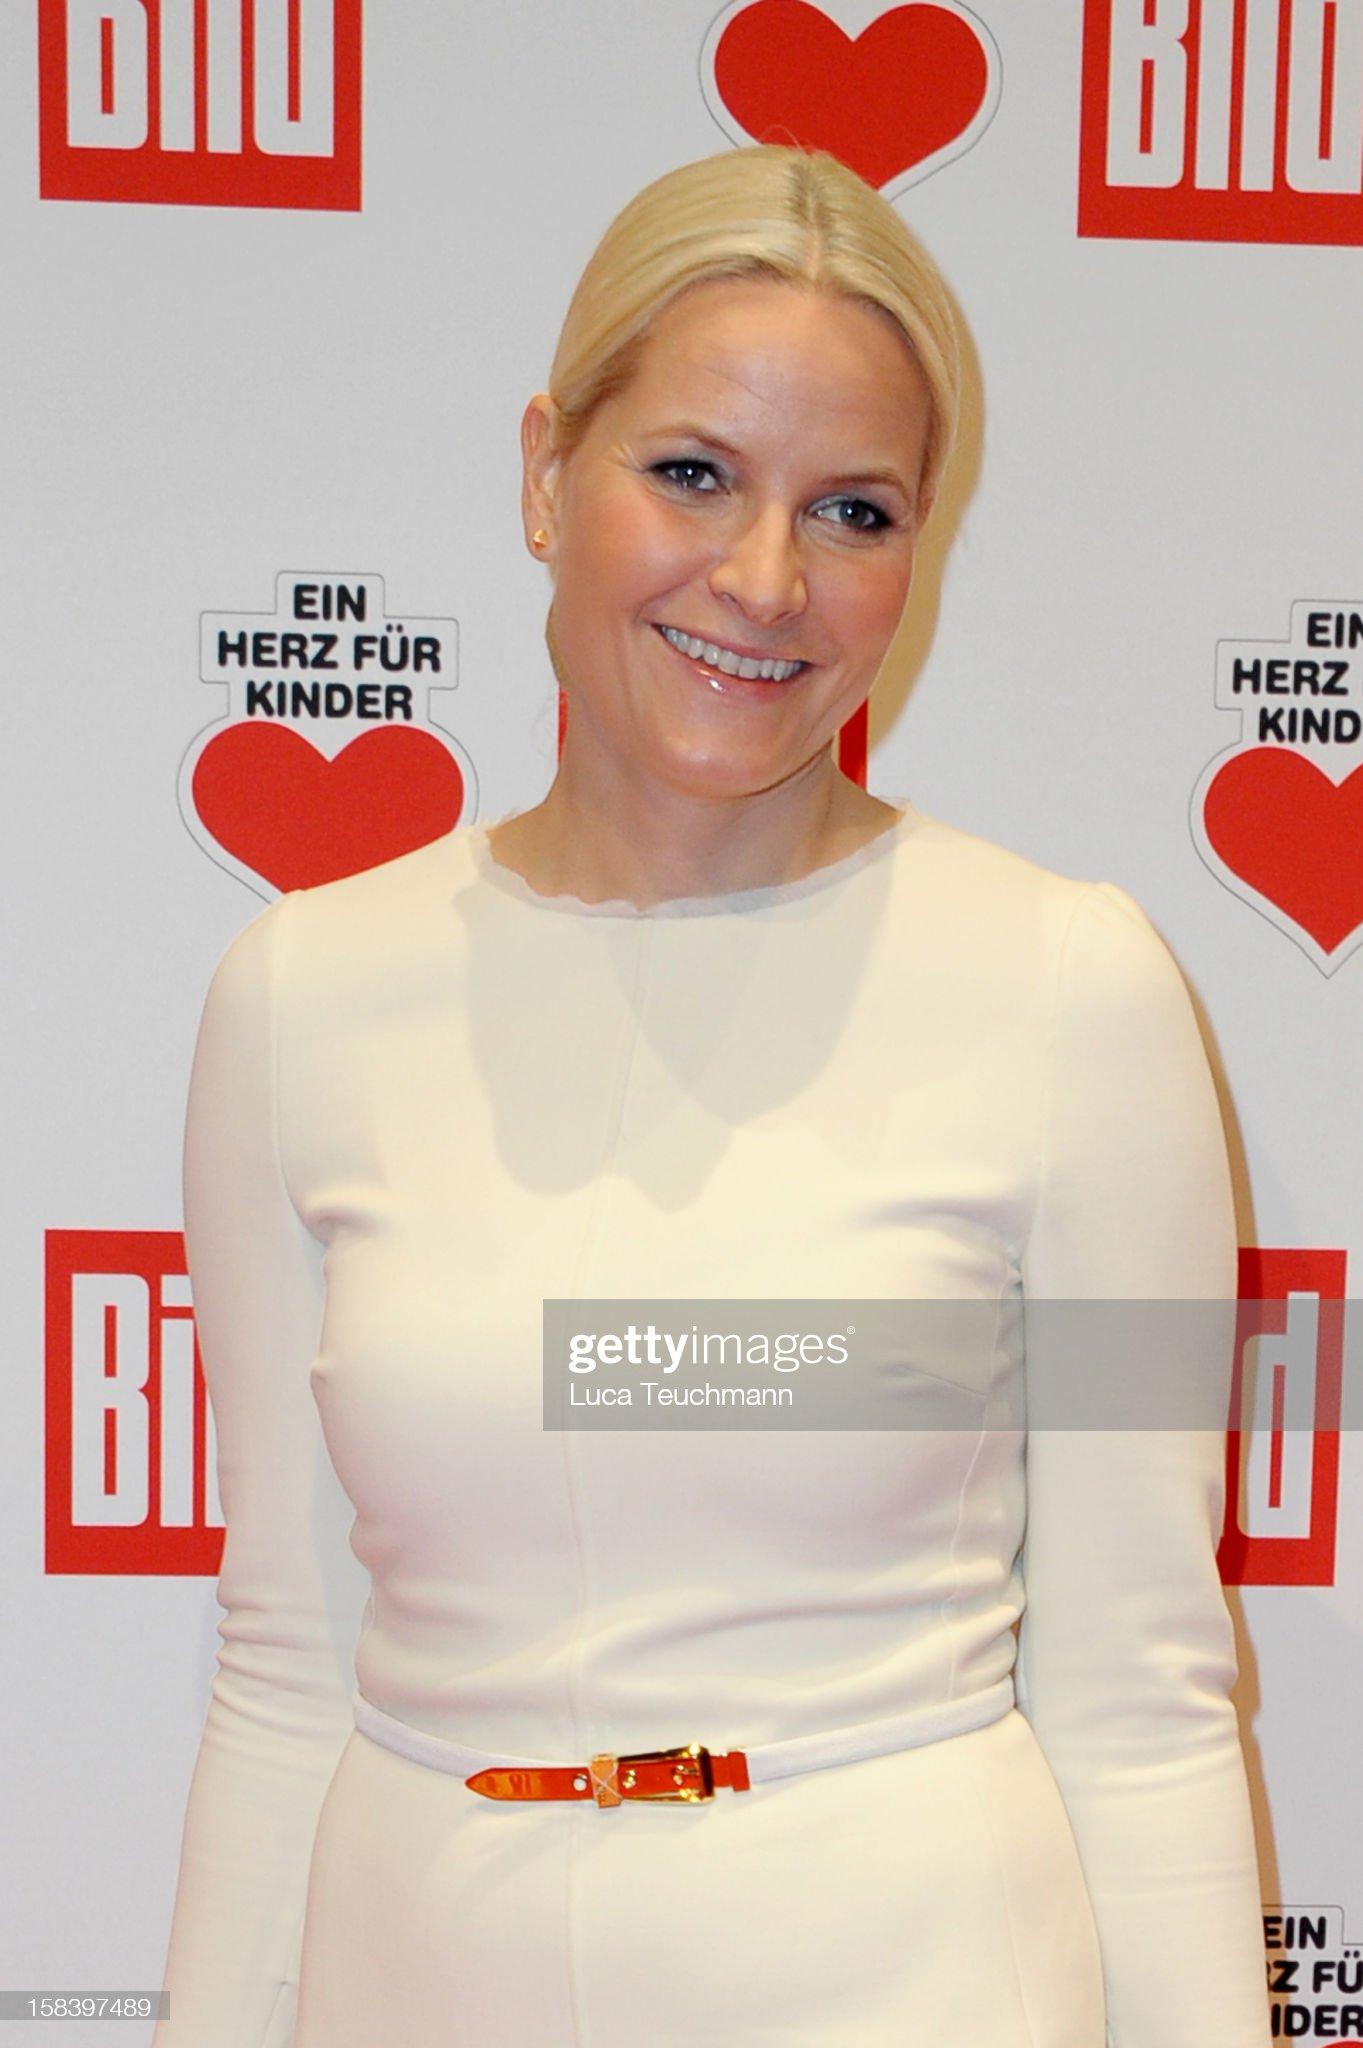 Ein Herz Fuer Kinder Gala 2012 - Red Carpet Arrivals : News Photo